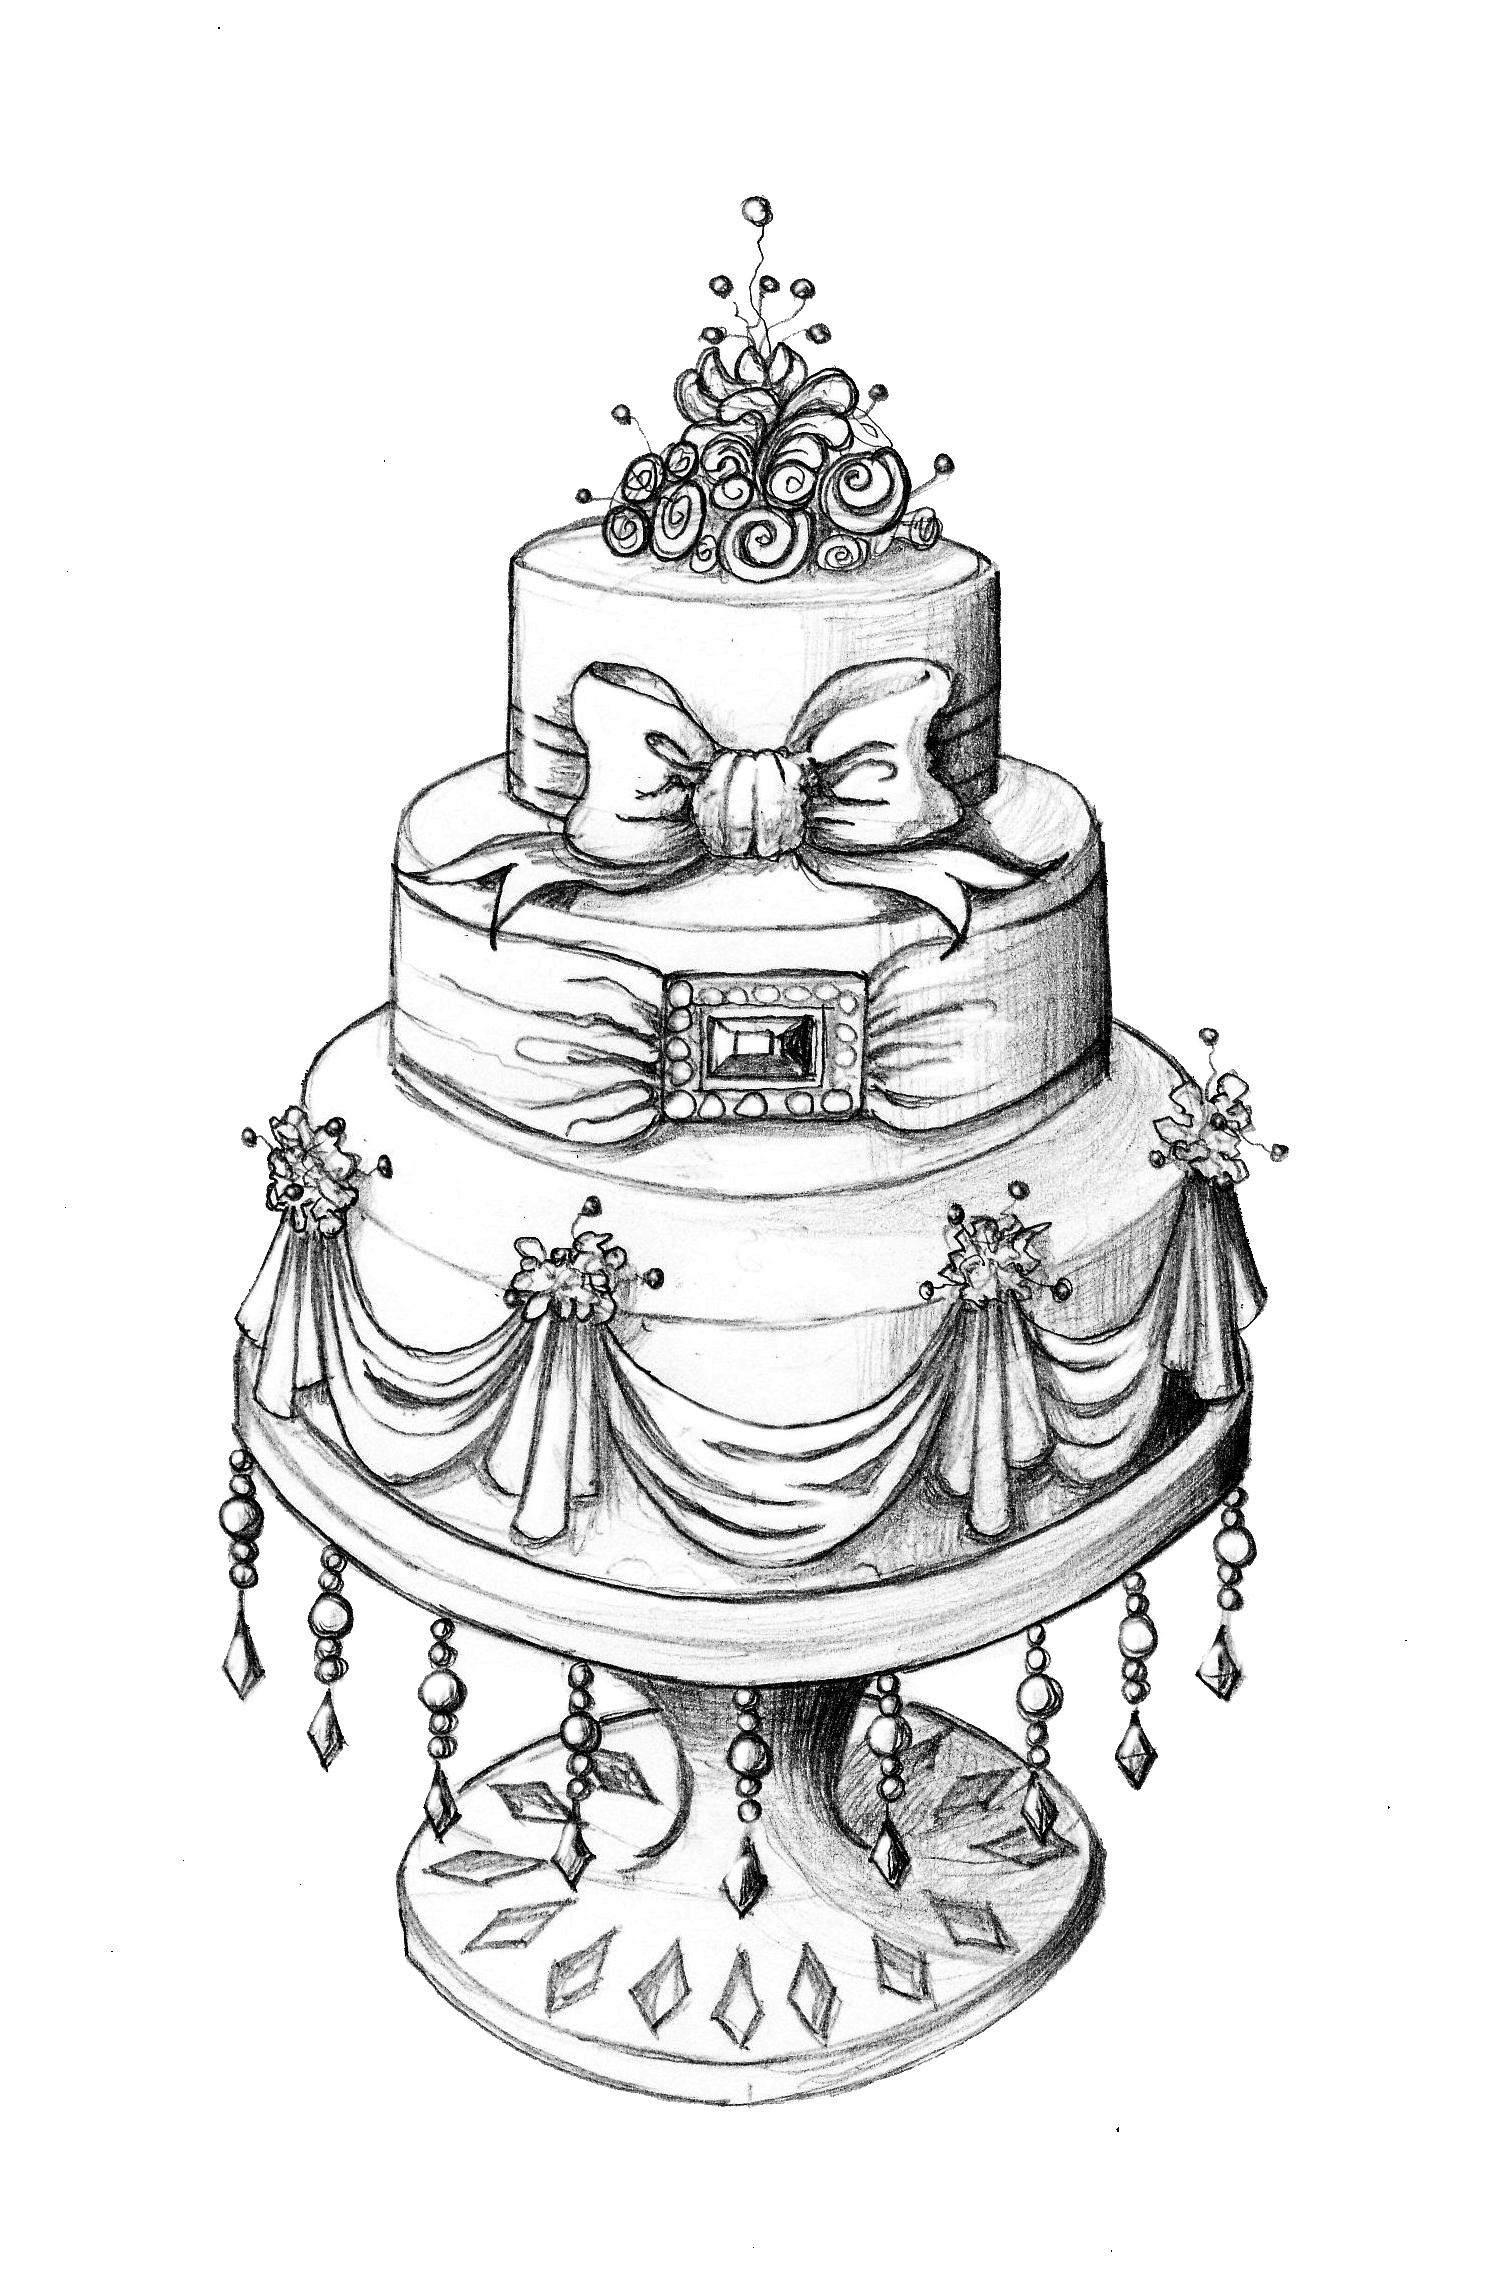 Drawn wedding cake Royal Cake Kid Fantasy Yard